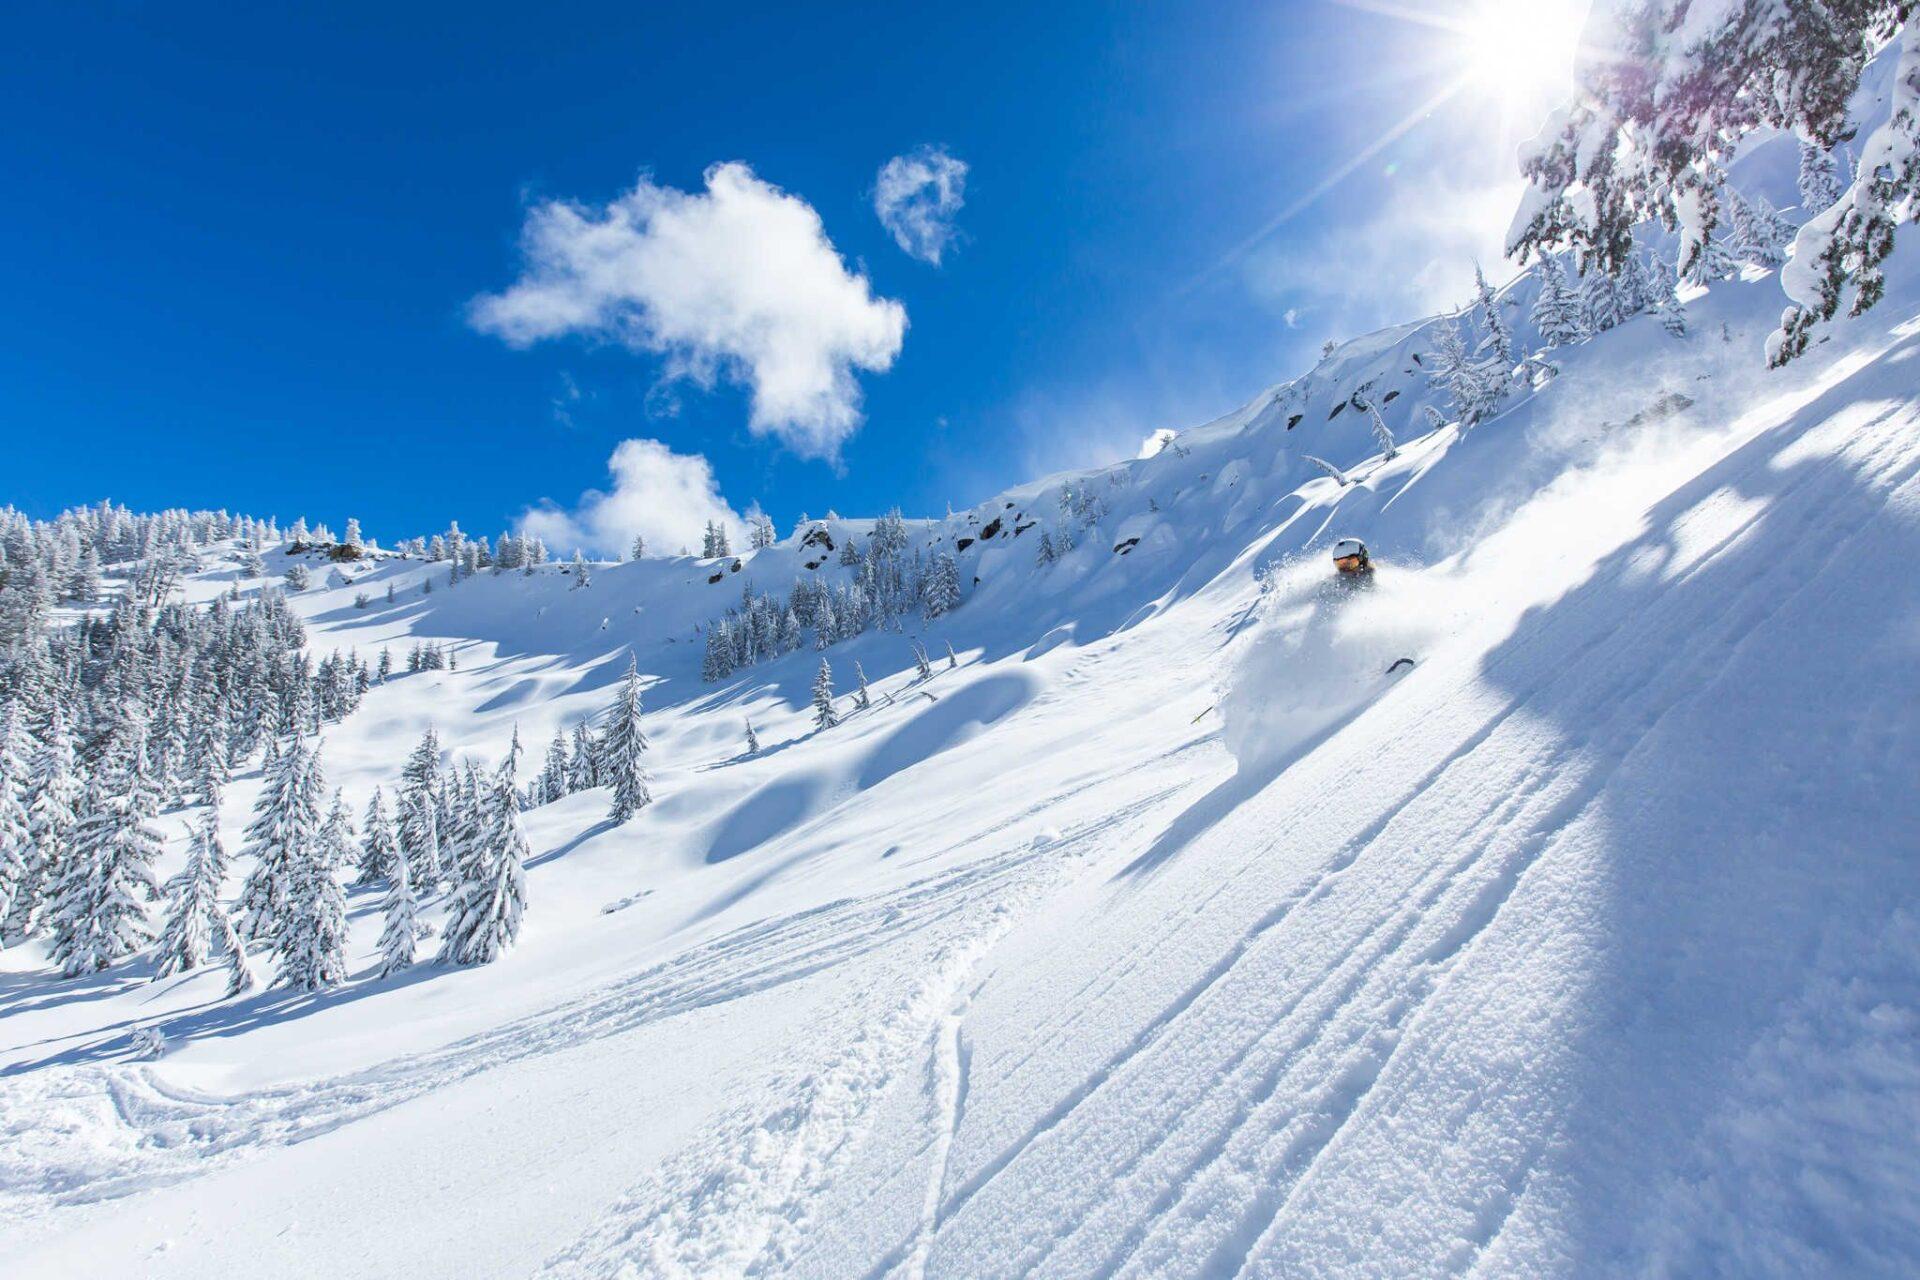 Ty Dayberry Telemark Skier